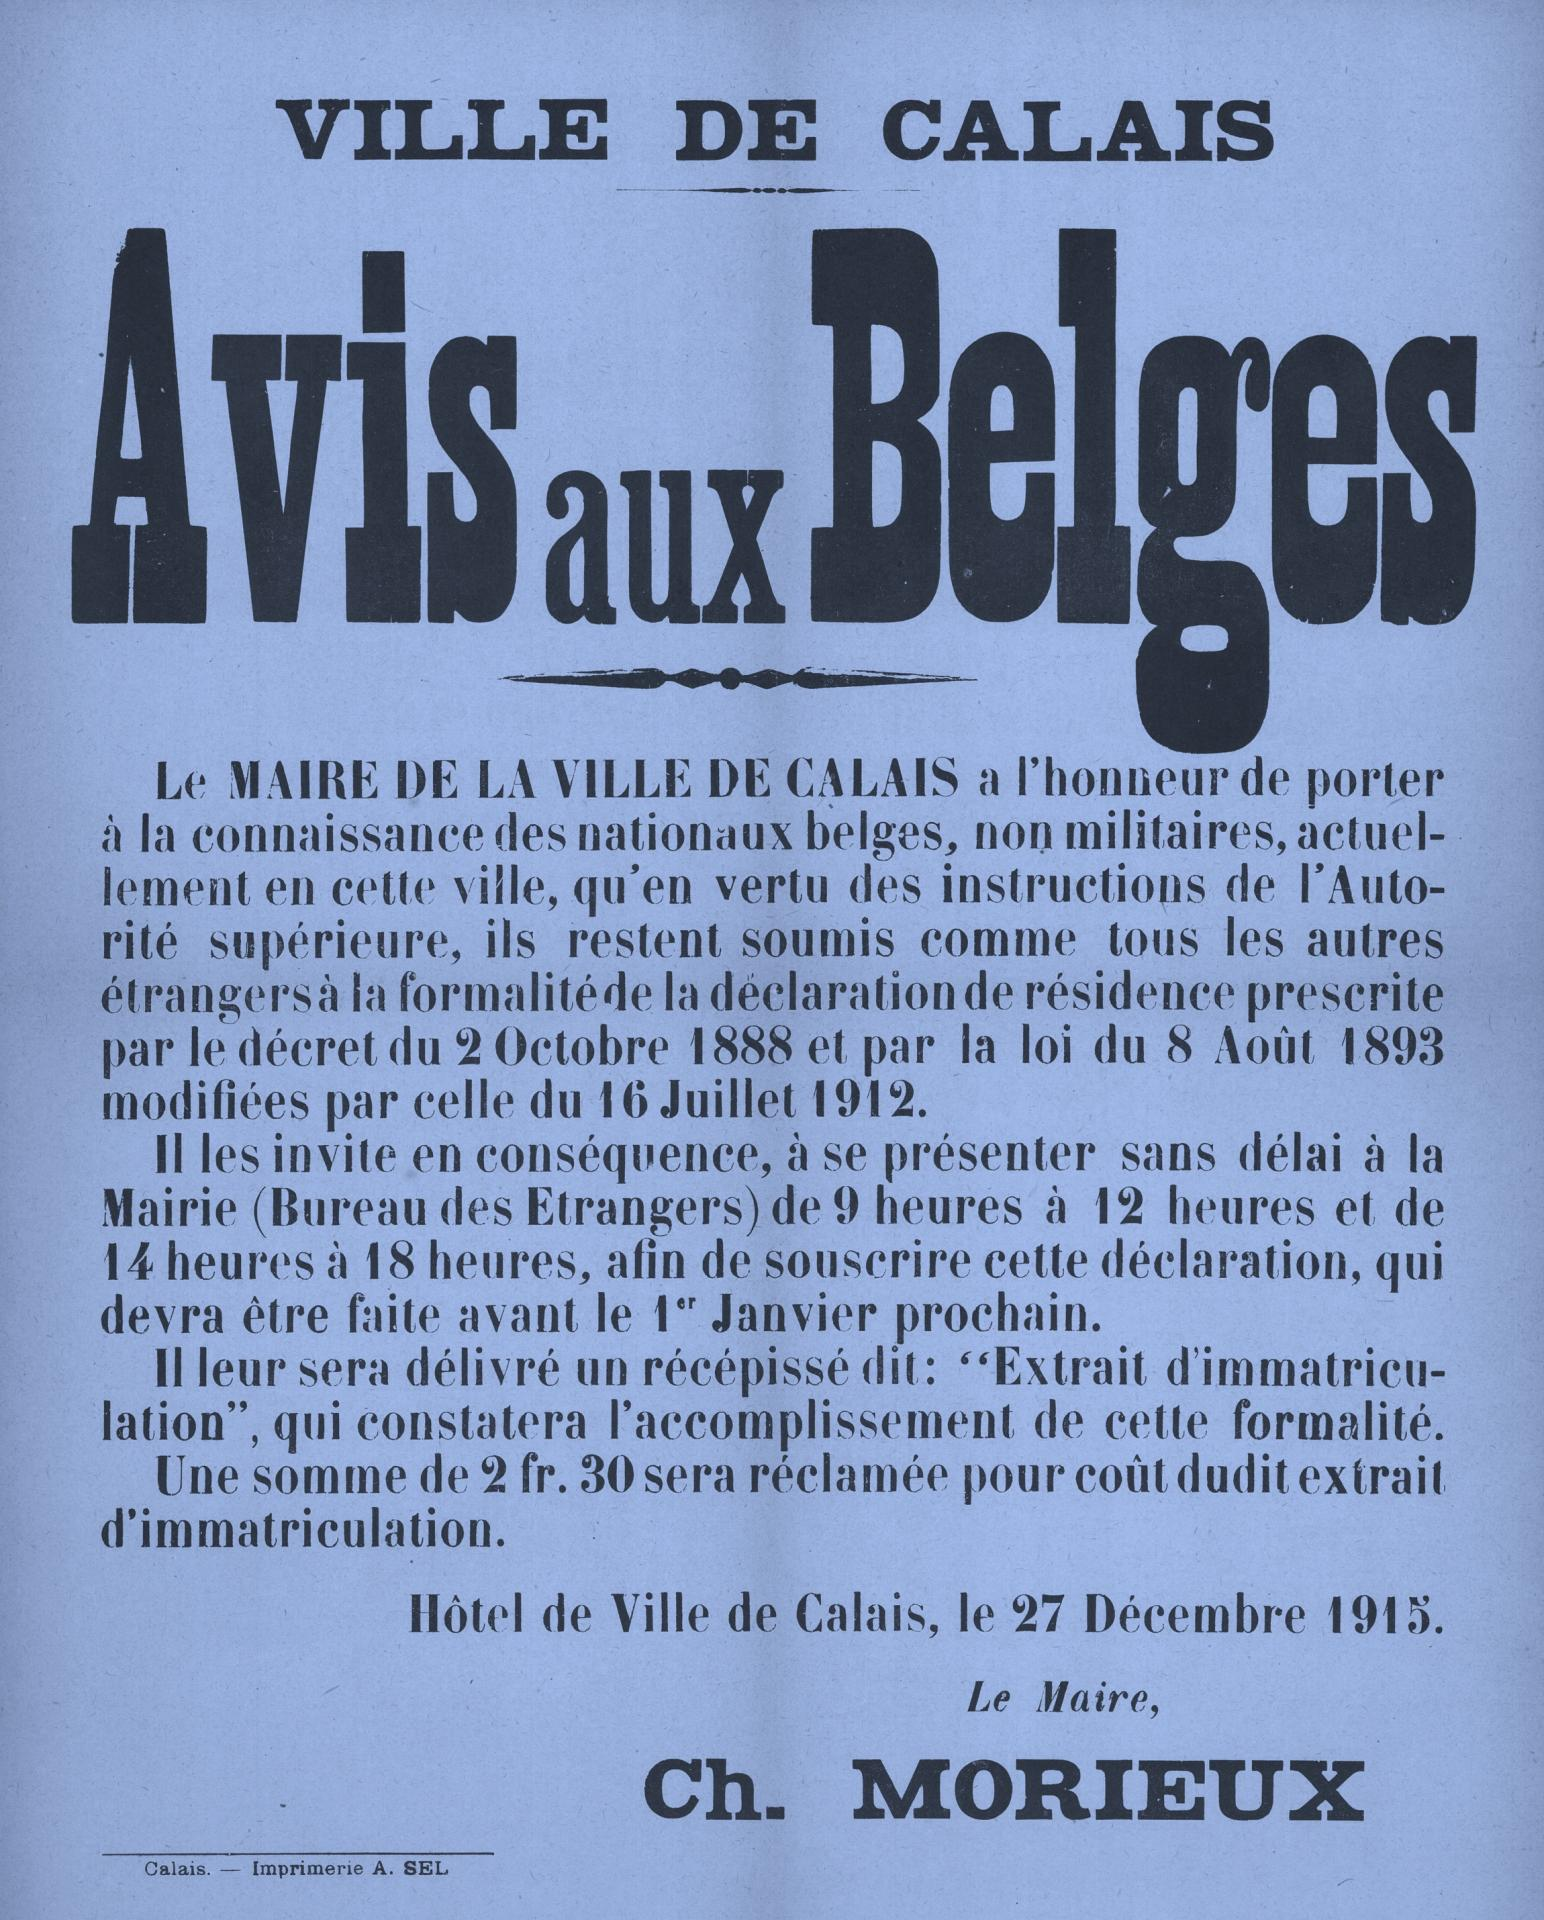 Calais 14 18 avis aux belges